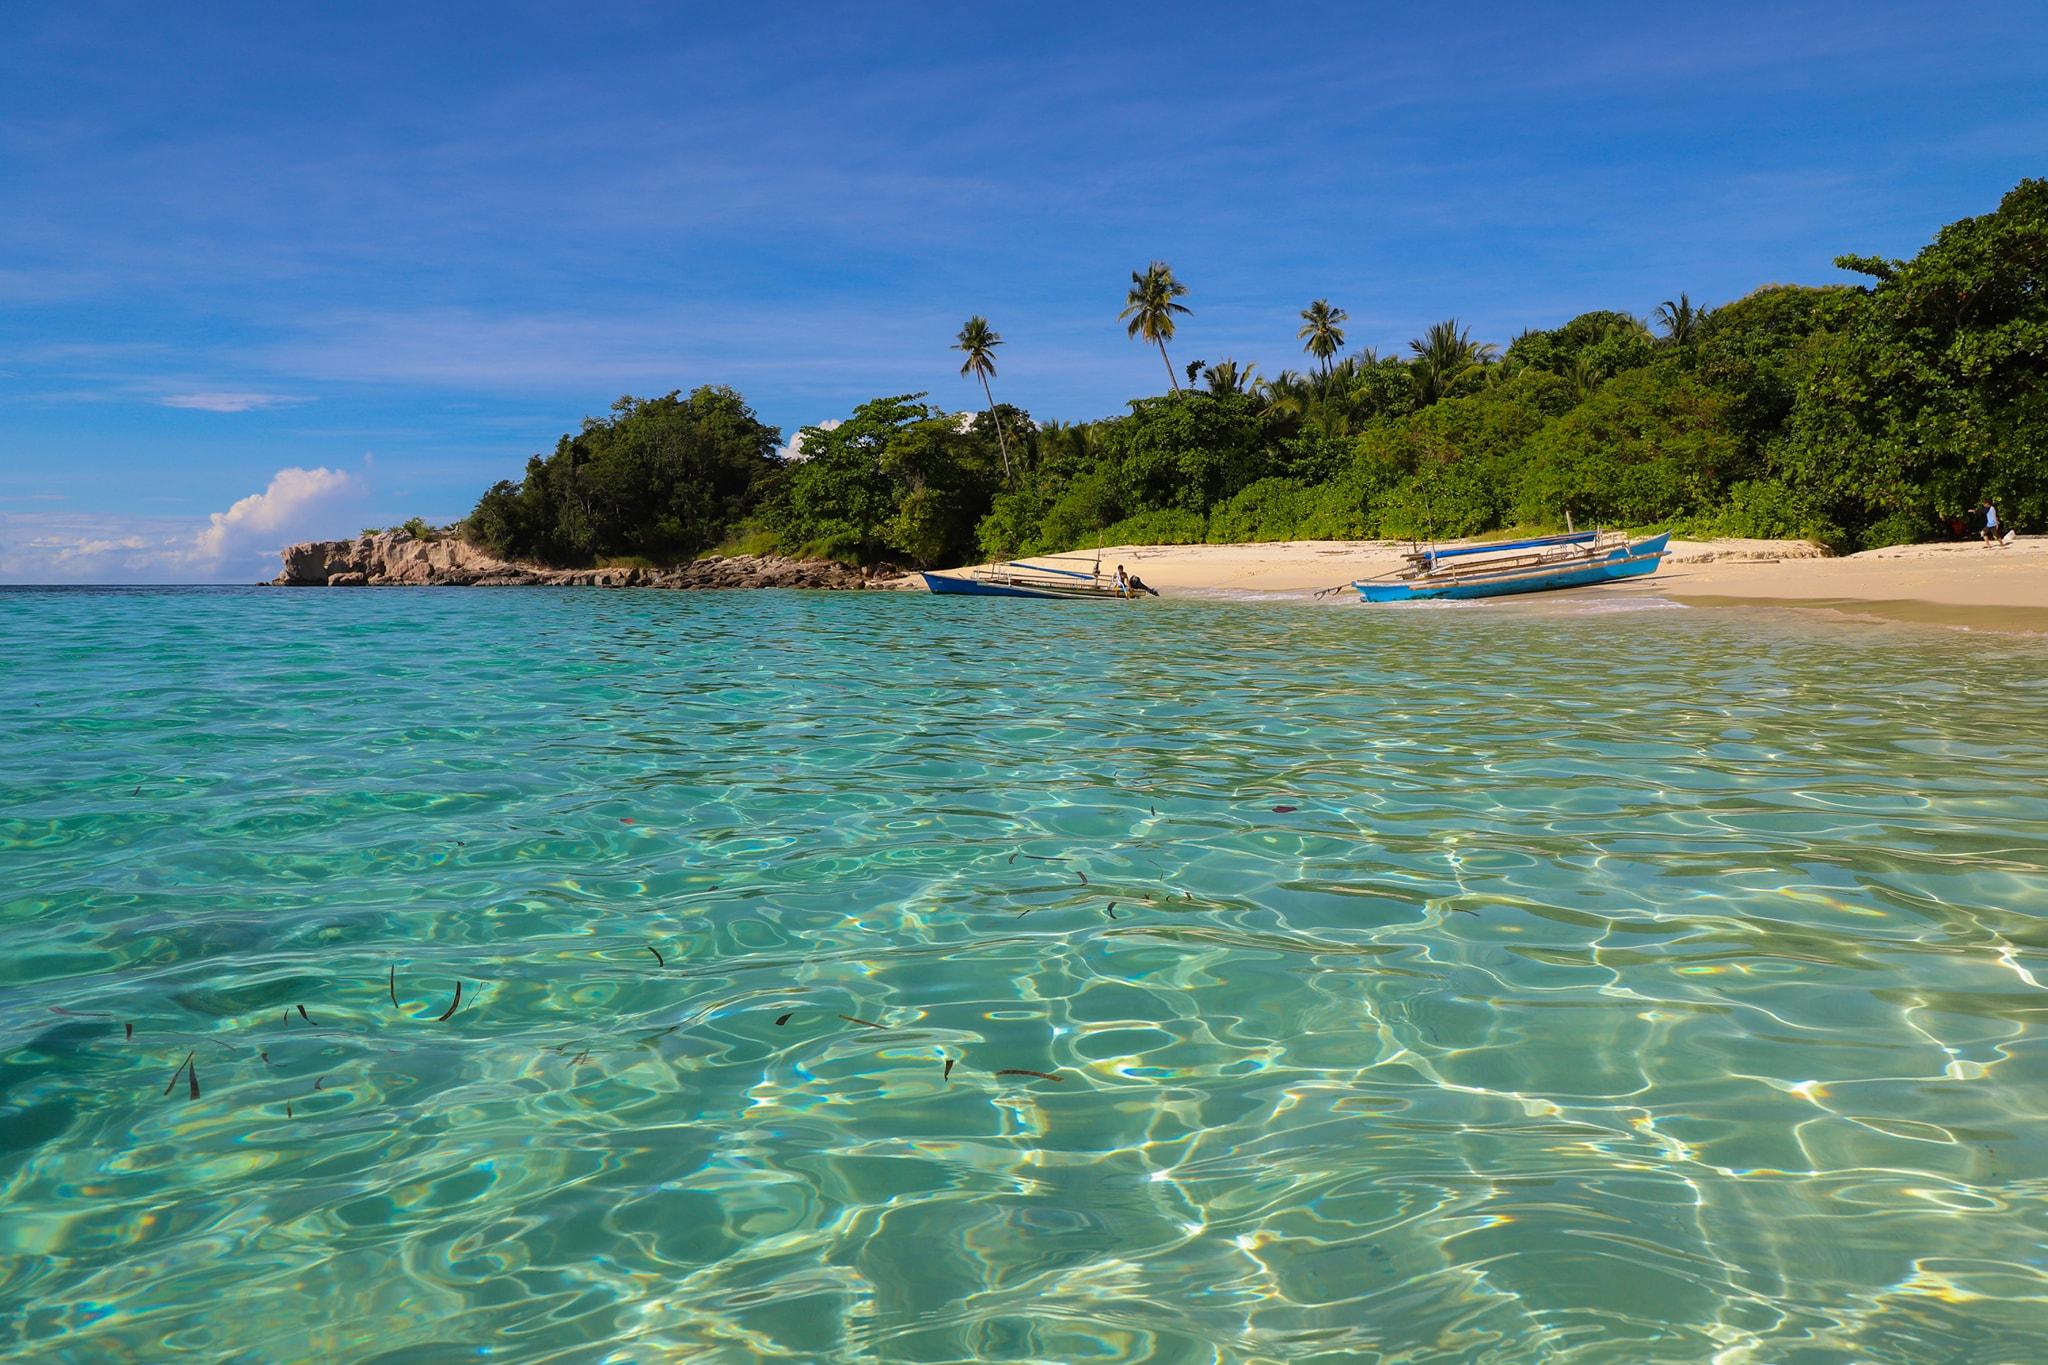 Pantai ini memiliki air yang sangat jernih hingga seperti cermin langit. (Foto:Ivan Assa)